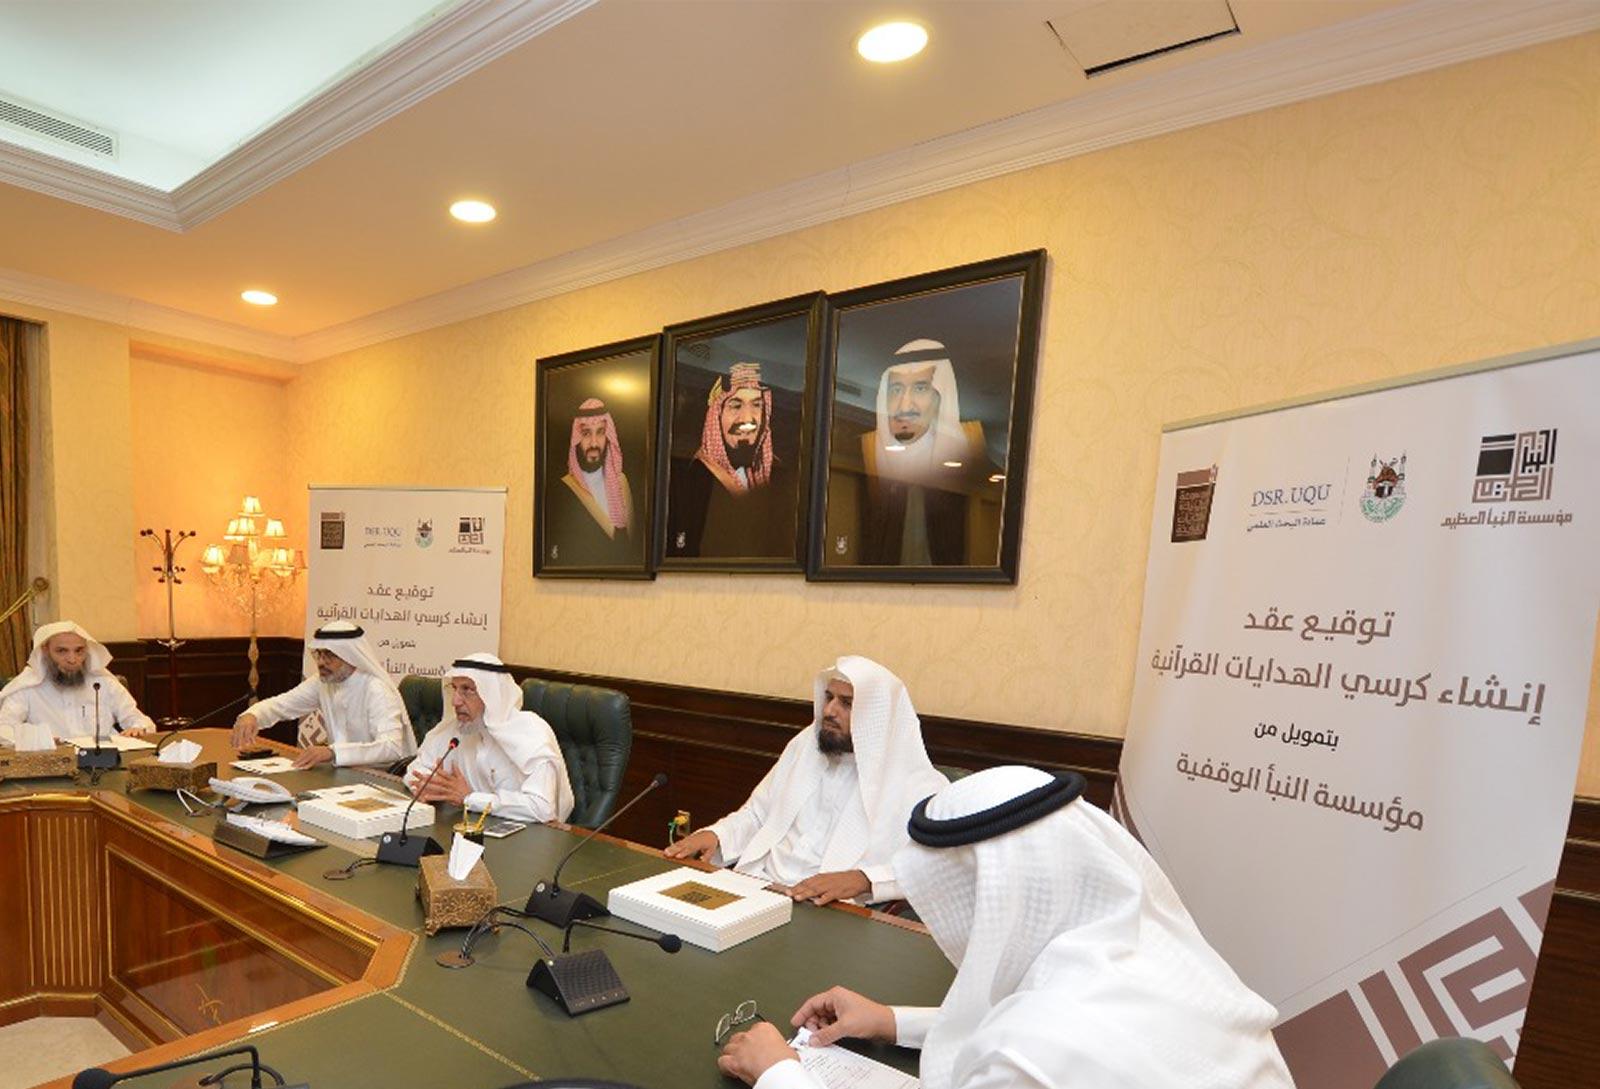 توقيع عقد إنشاء كرسي الهدايات القرآنية